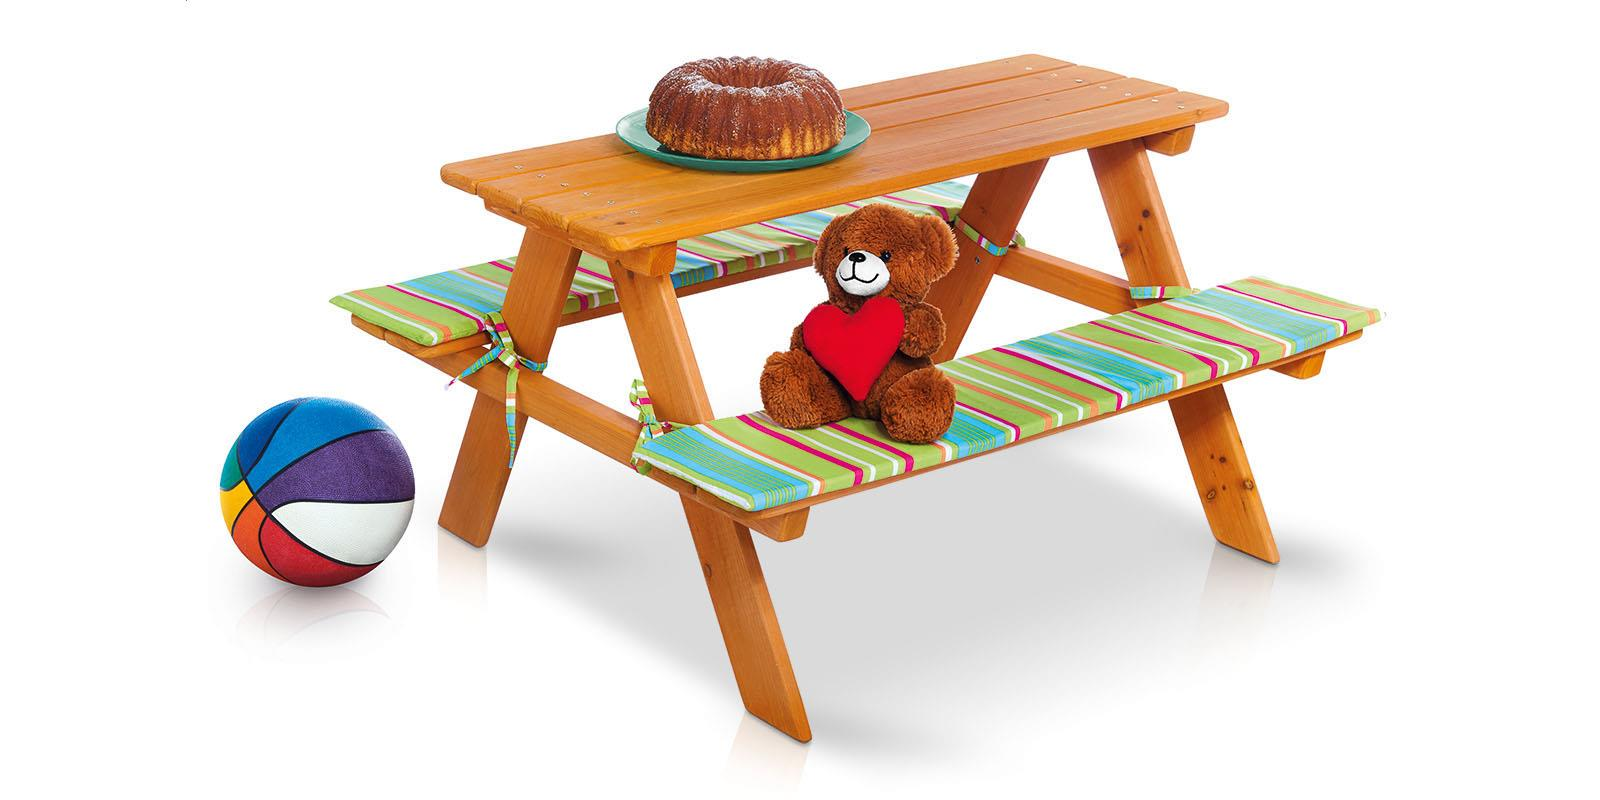 garten kinder sitzgarnitur mit auflage florabest kindermöbel